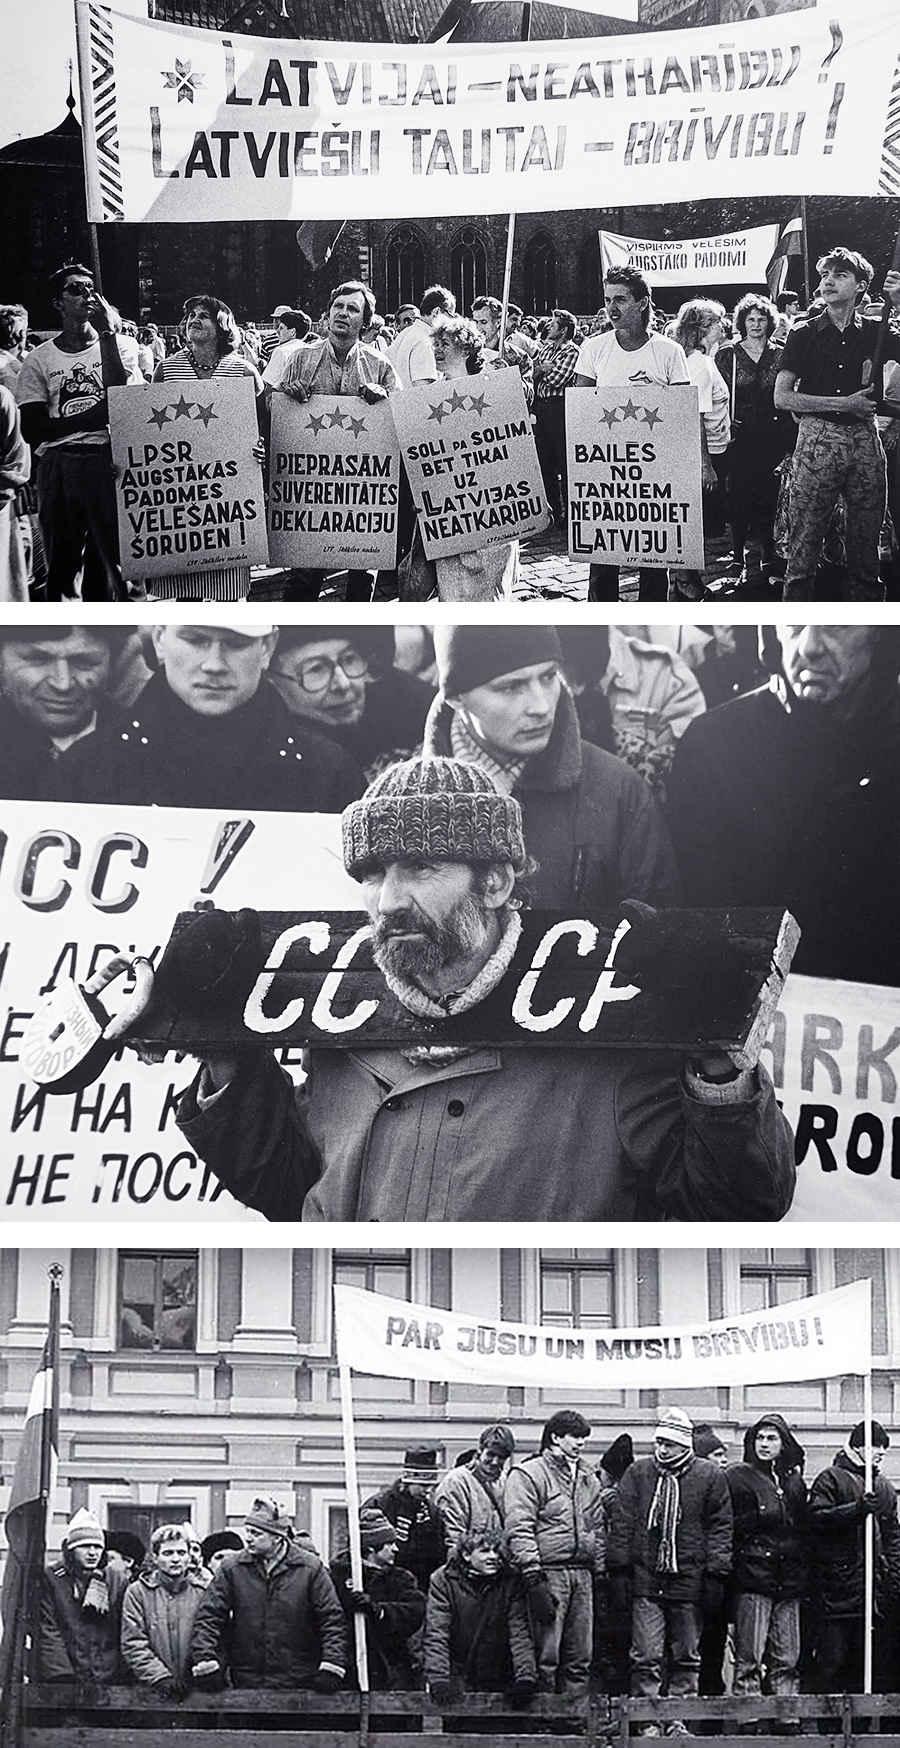 Фотографии демонстраций латышей в 1991 году